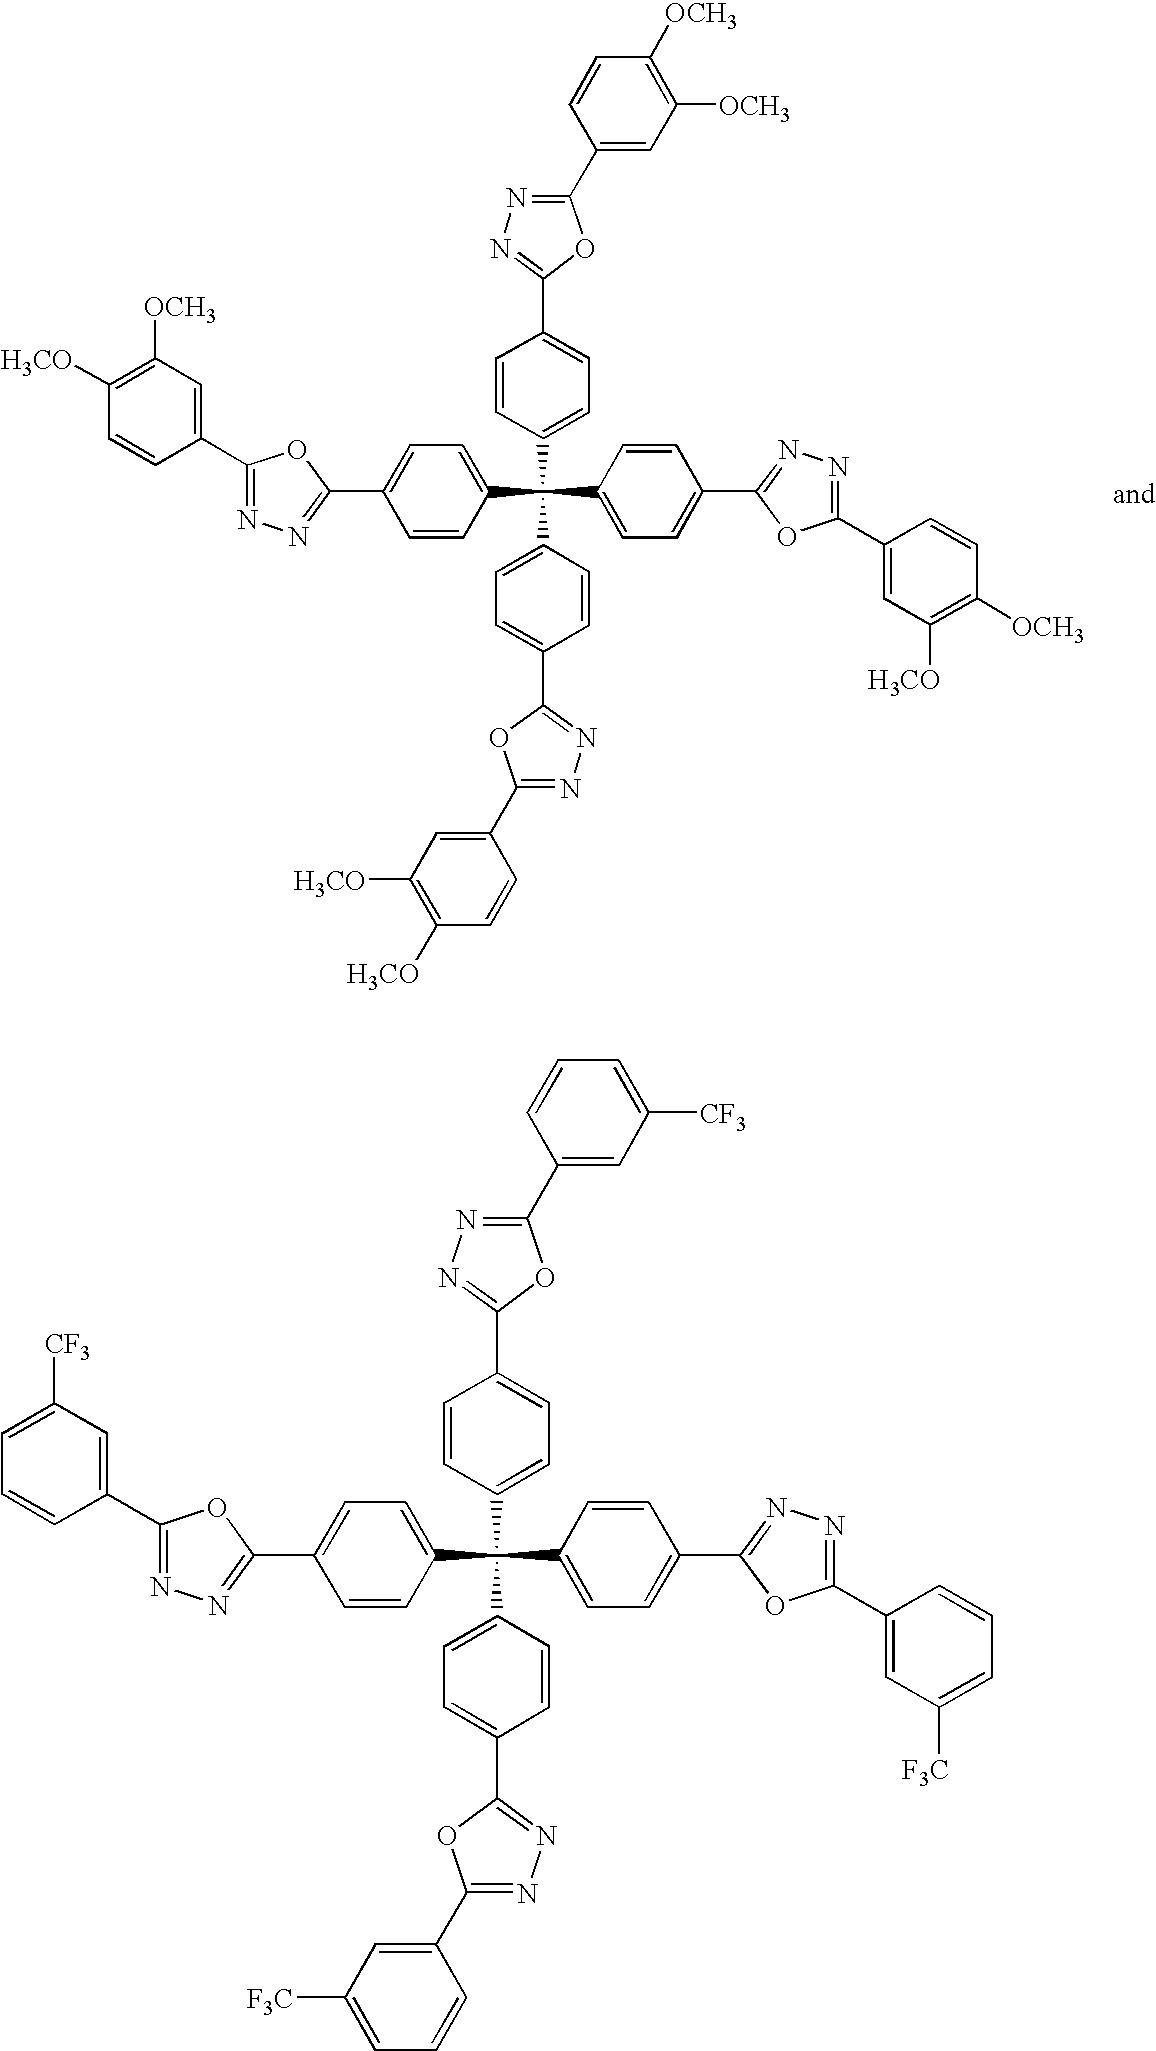 Figure US20090246664A1-20091001-C00026